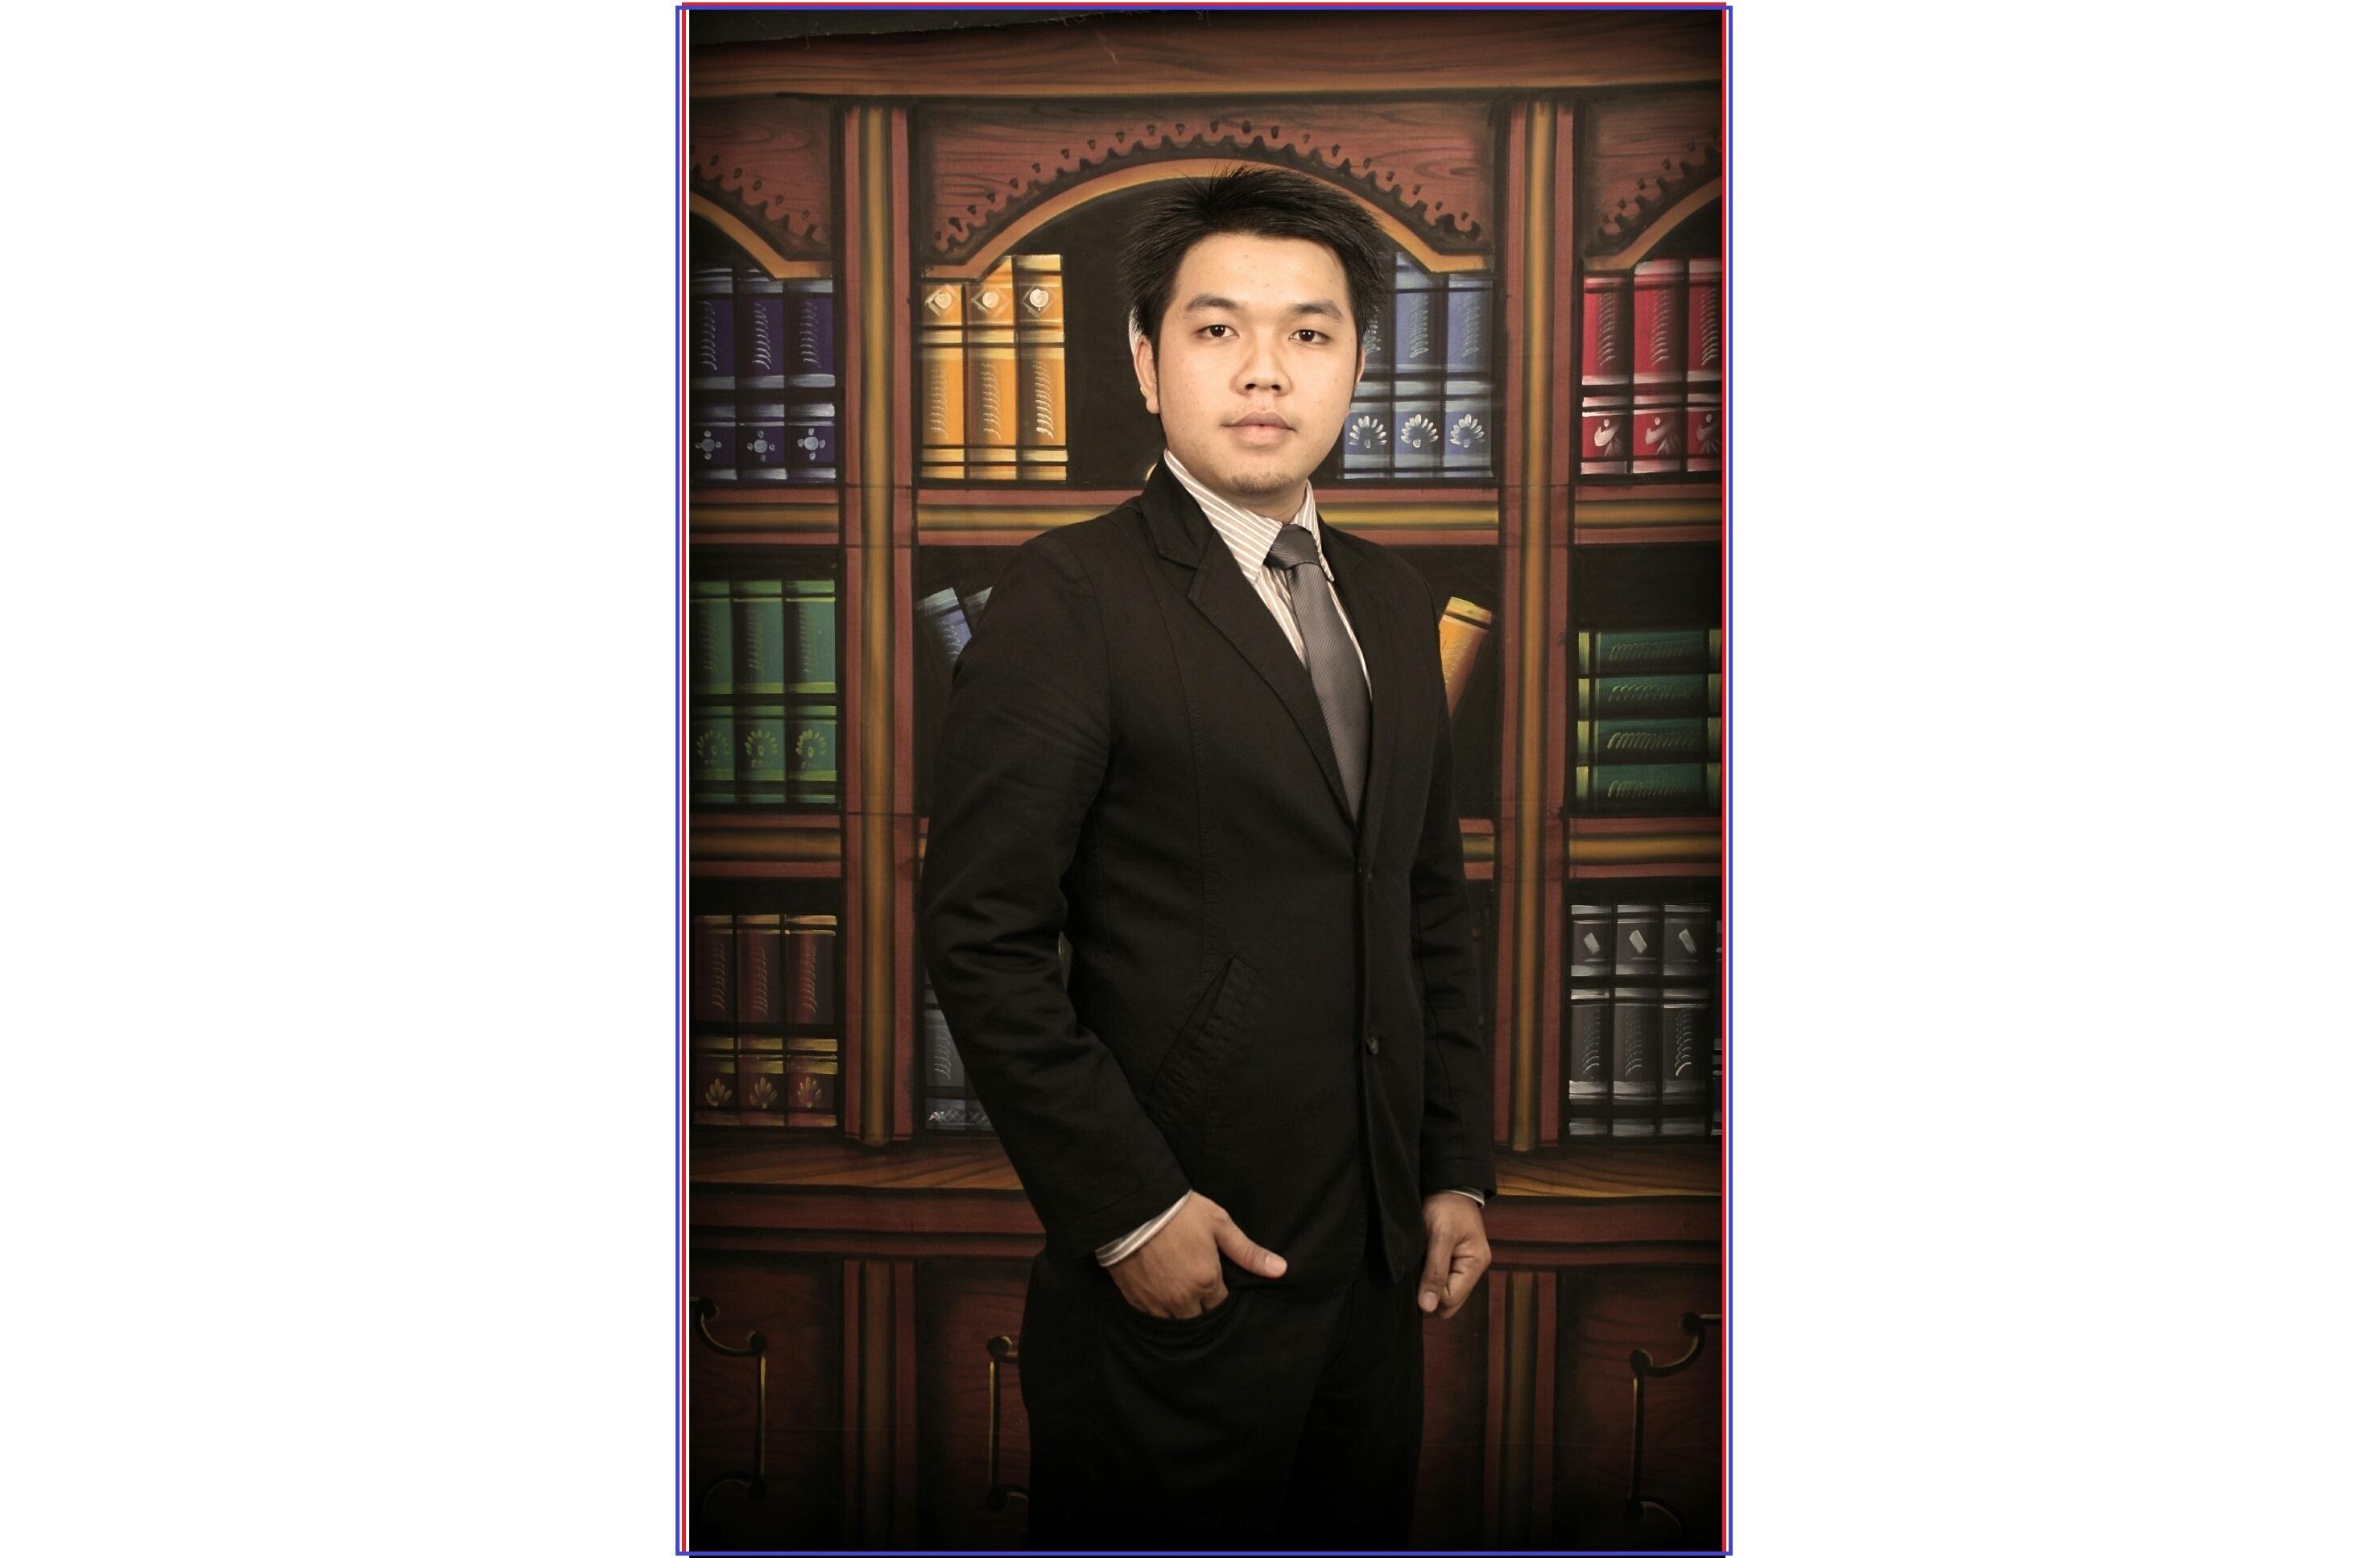 http://images.hukumonline.com/frontend/lt54102eeca51bb/lt54102eee58243.jpg